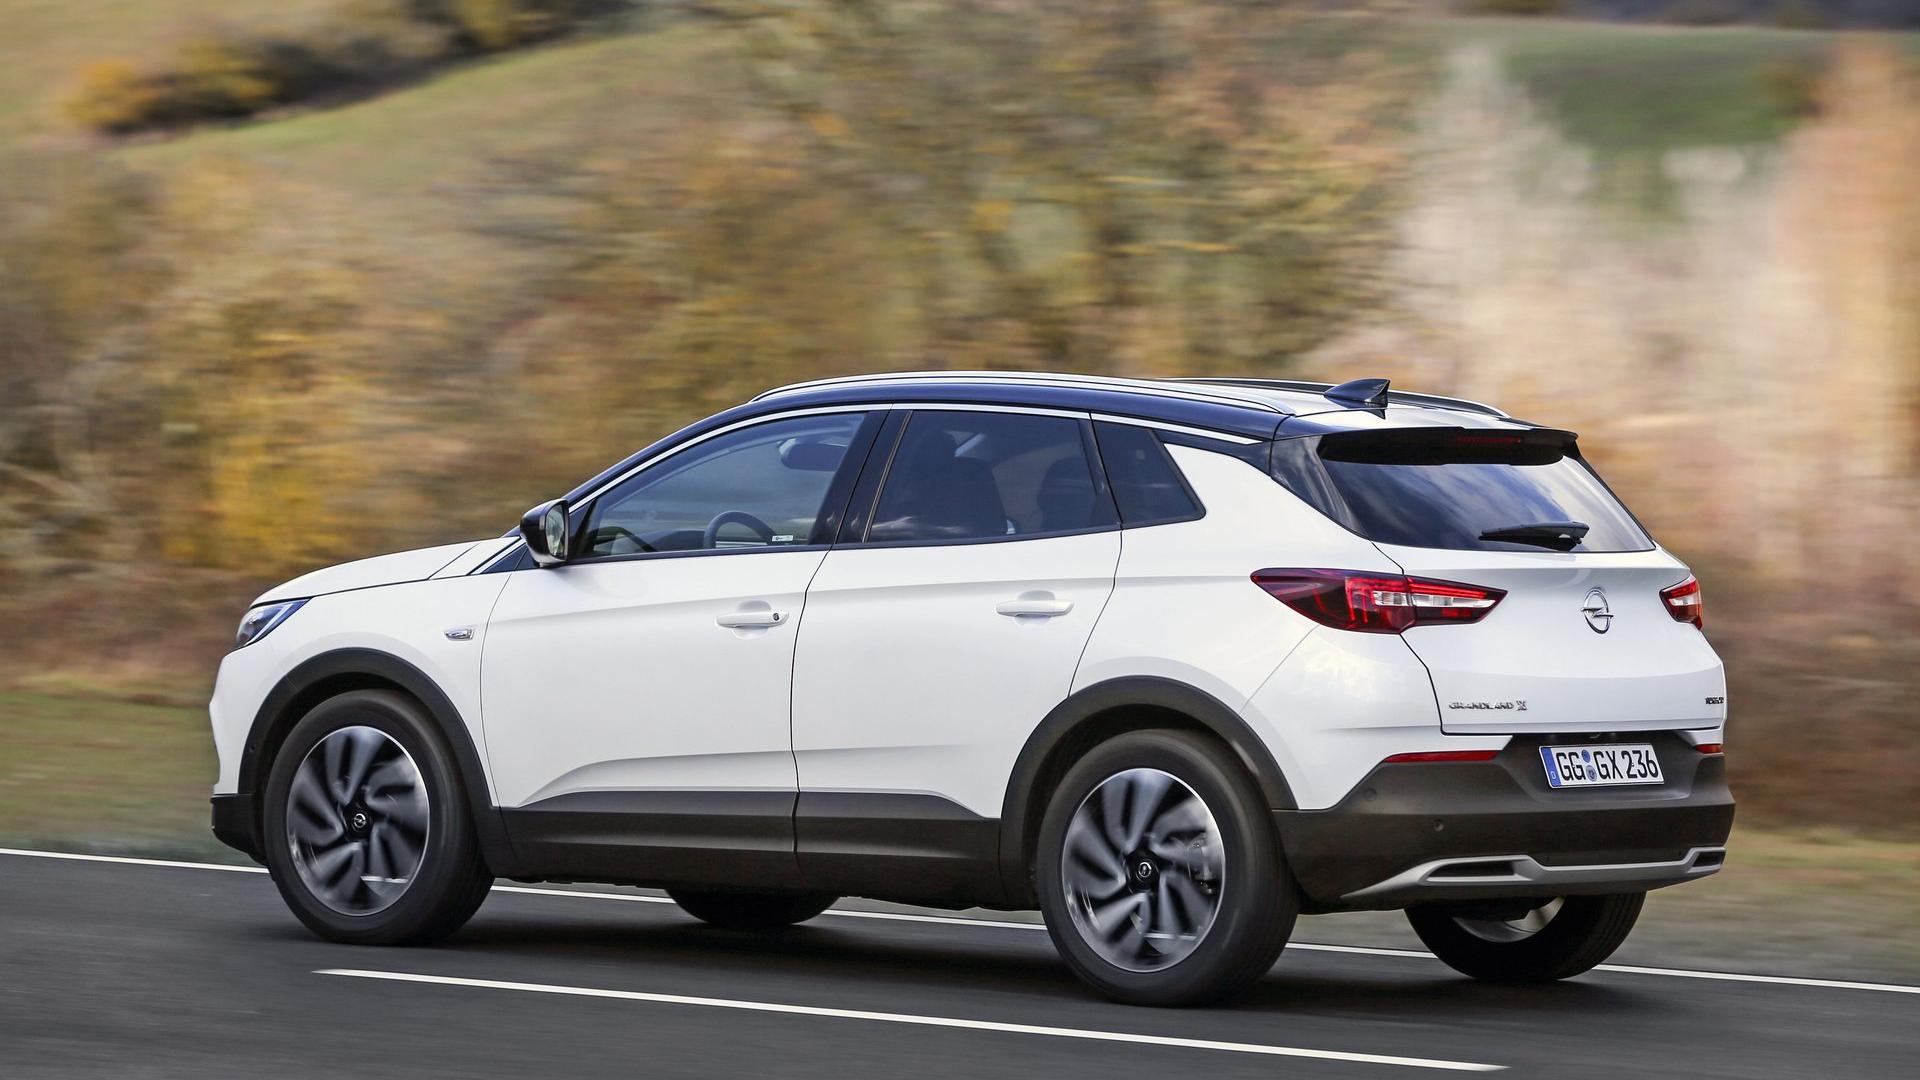 Opel Zafira 2018 >> Opel Grandland X Ultimate (2018) - Galerie prasowe - Galeria • AutoCentrum.pl